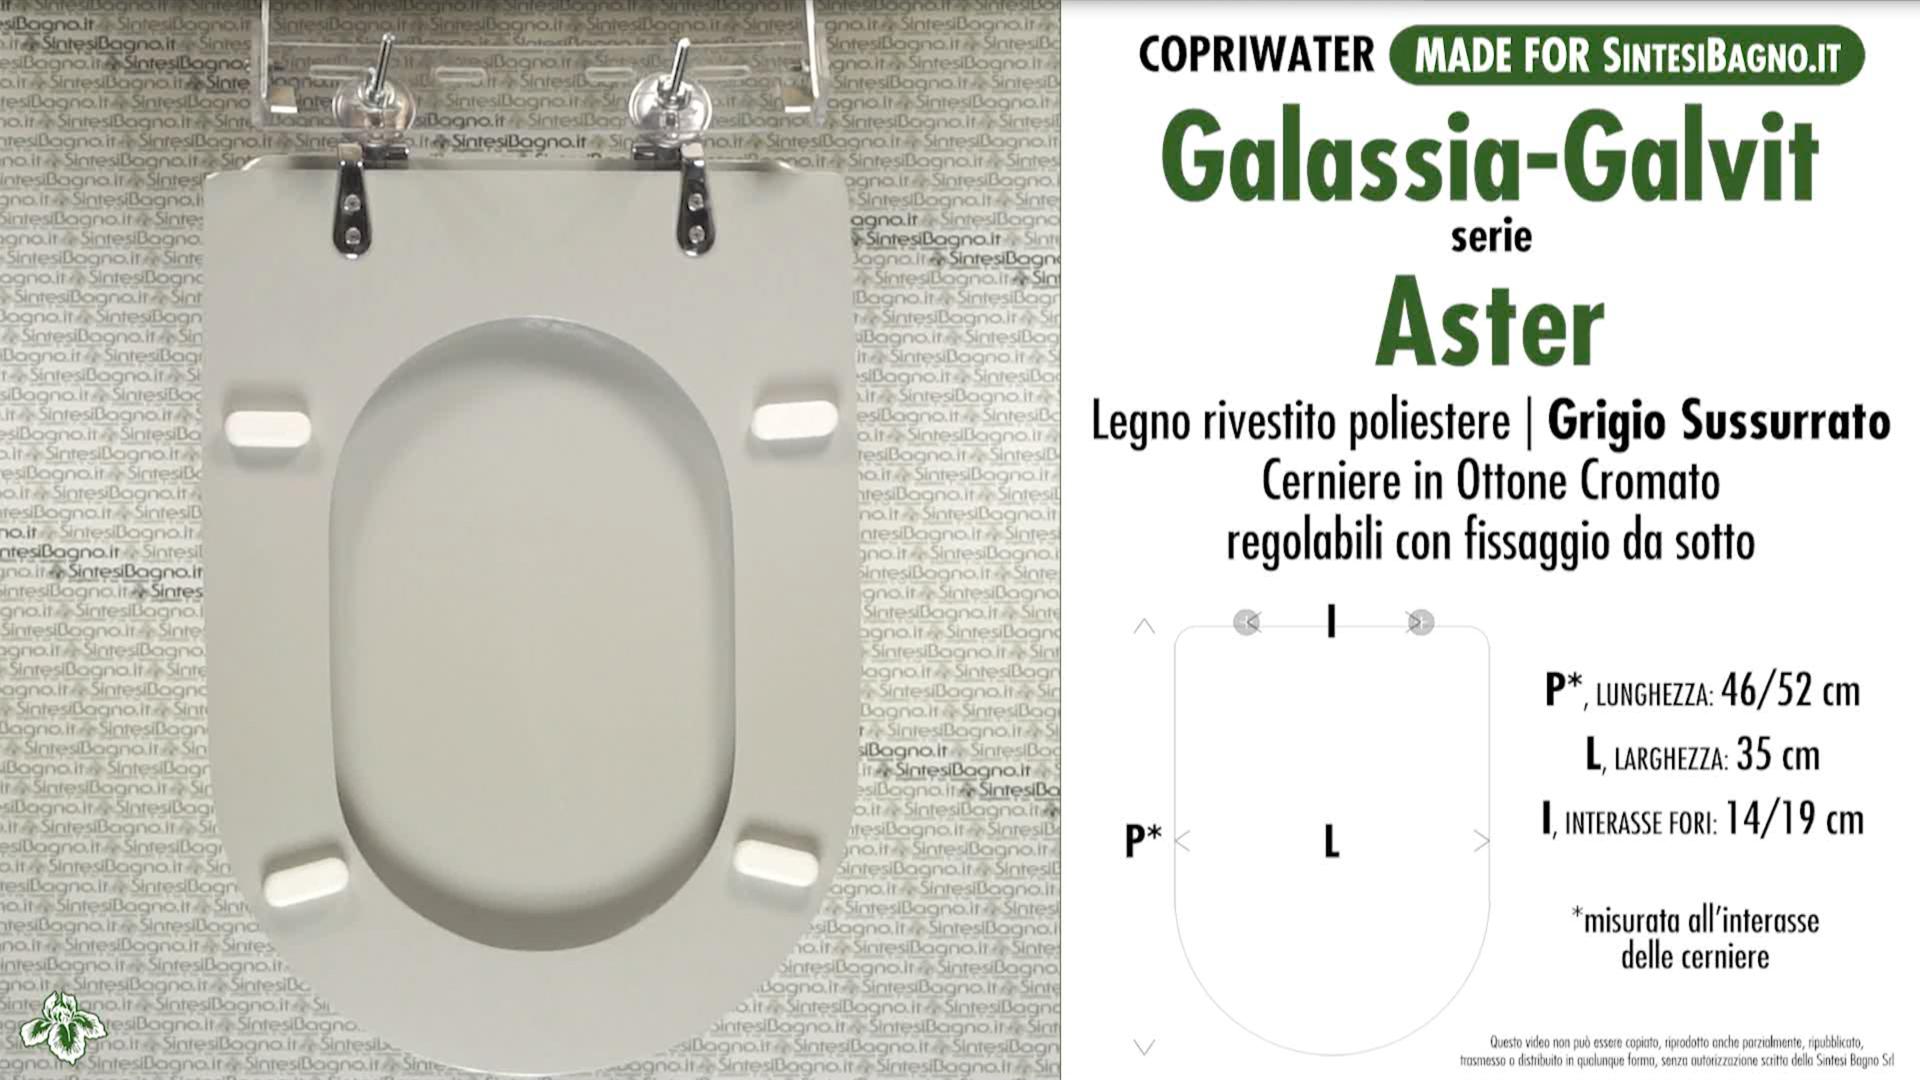 Schede tecniche Galassia-Galvit Aster